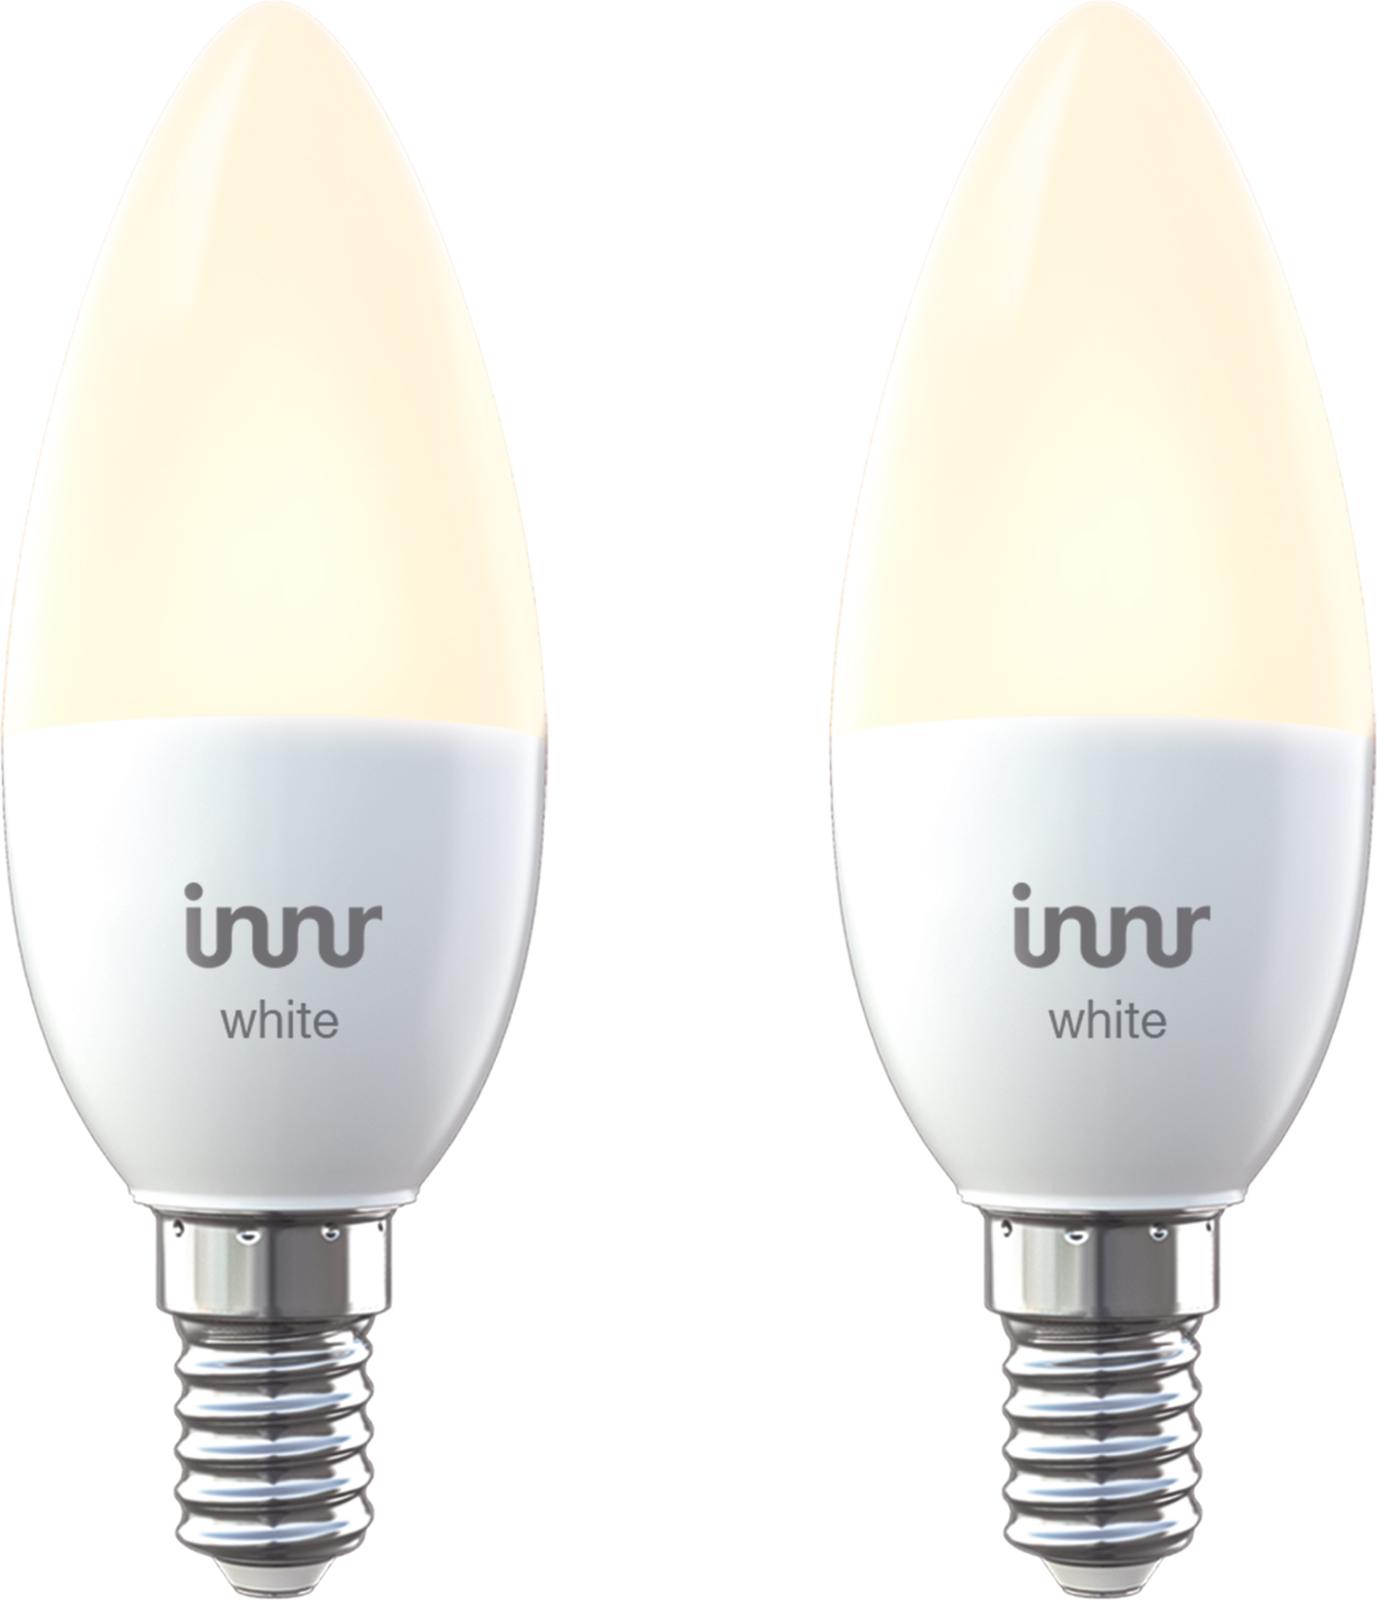 INNR Lighting 2x E14 smart LED lamp, Warm white, 2700K RB 245-2 - eet01